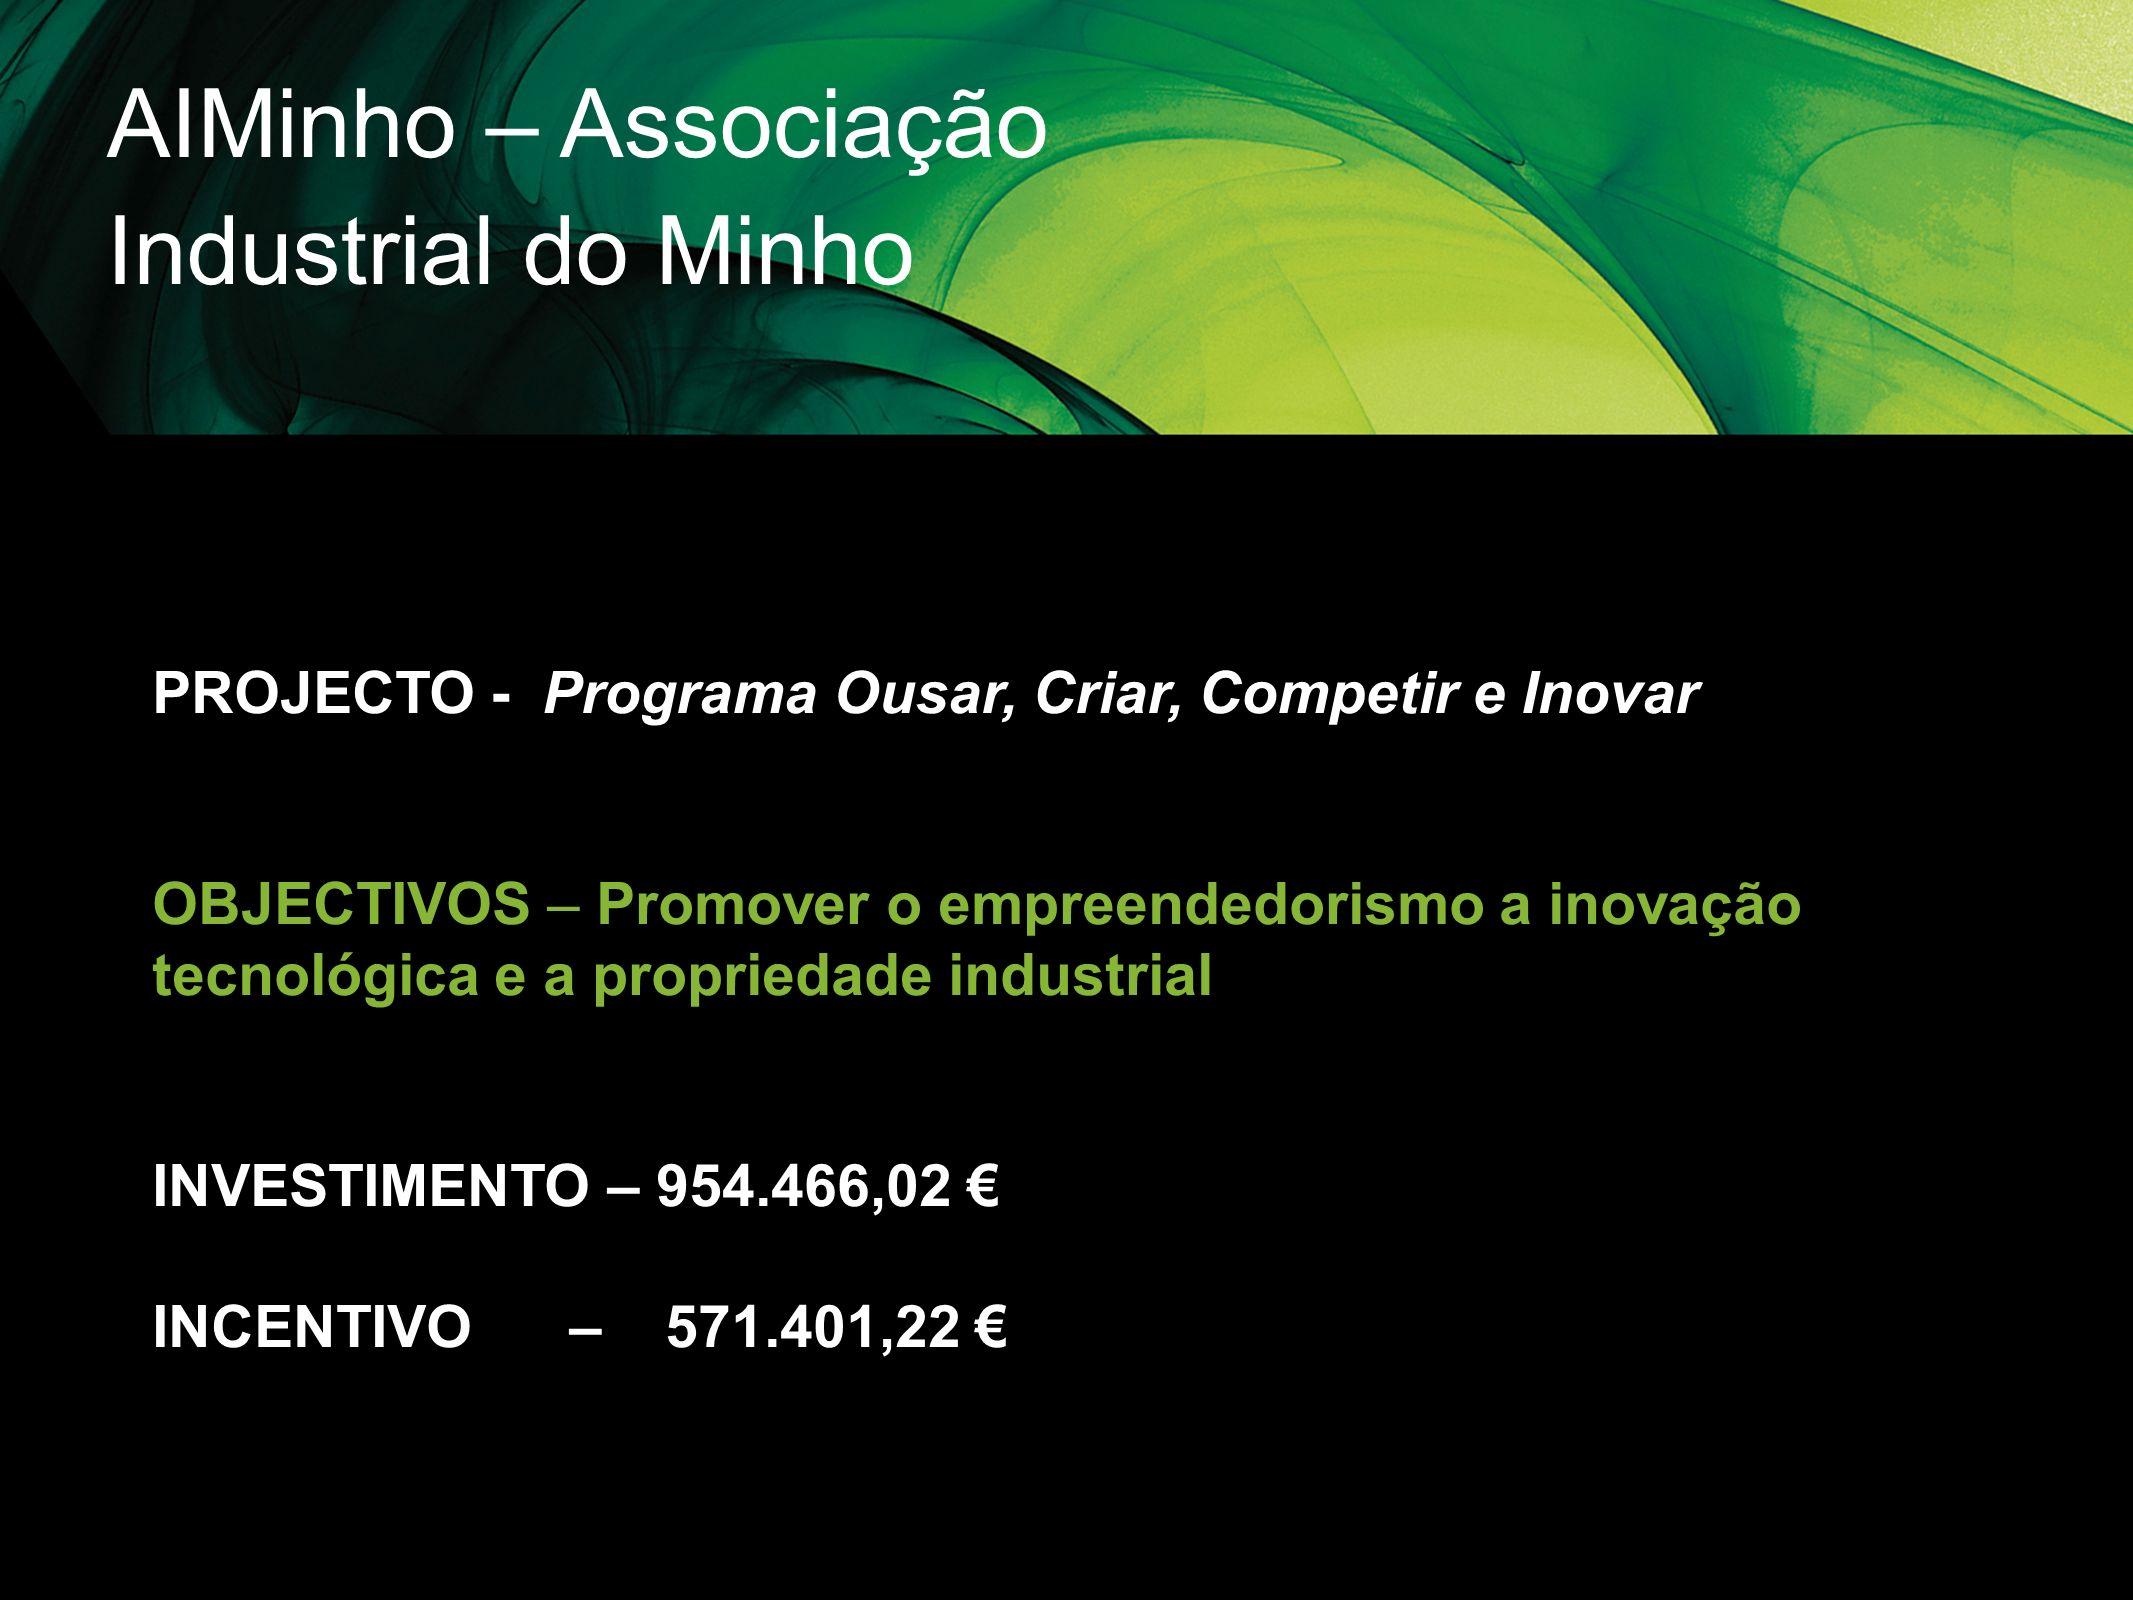 AIMinho – Associação Industrial do Minho